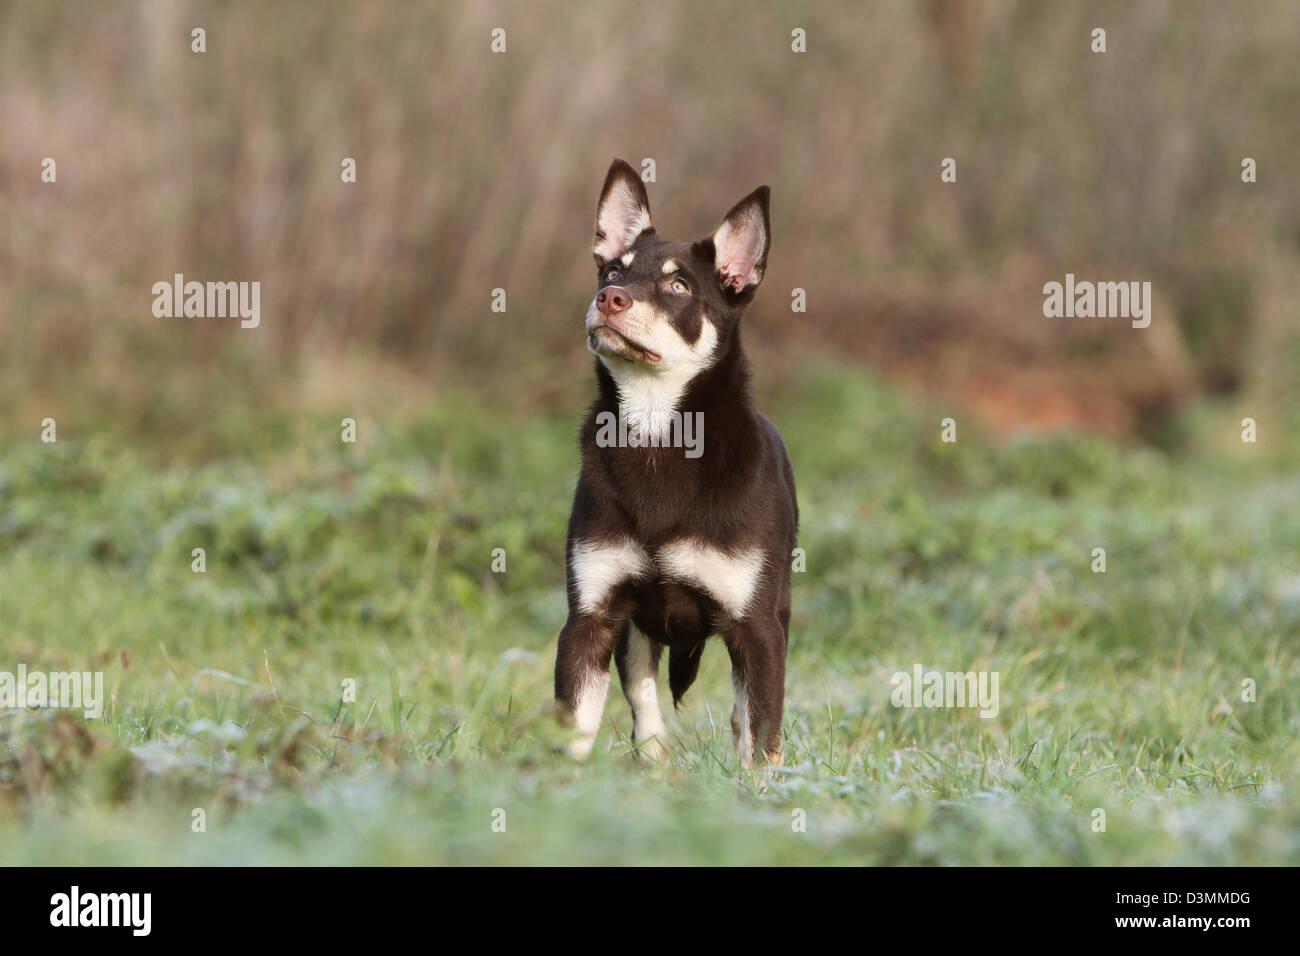 Perro de trabajo joven Kelpie en una pradera permanente Foto de stock